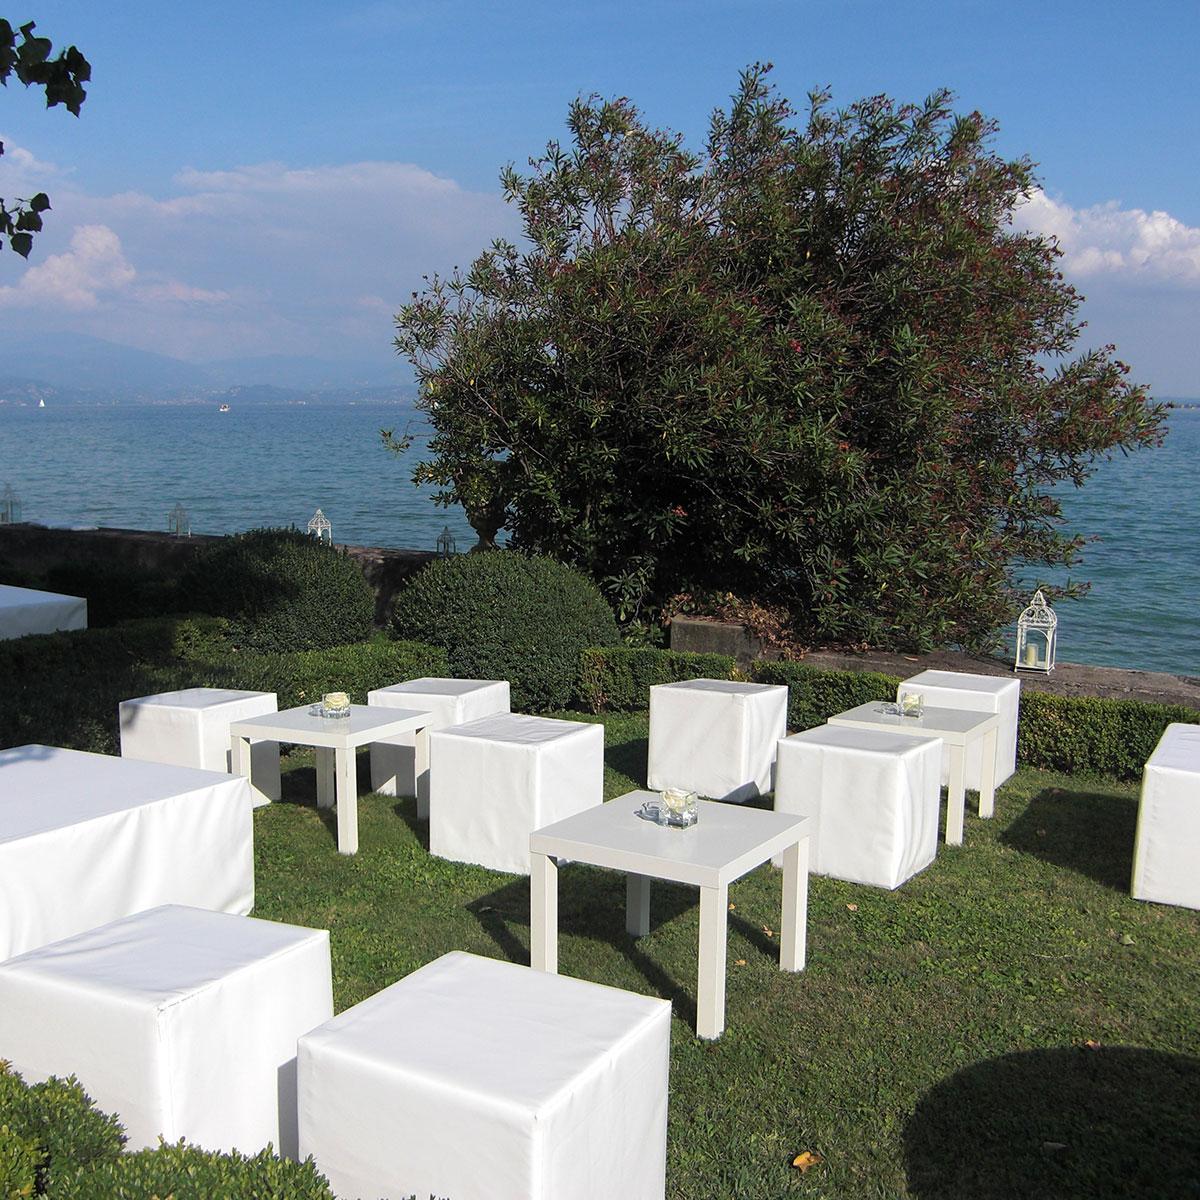 allestimento aperitivi in giardino | Negriricevimenti.com